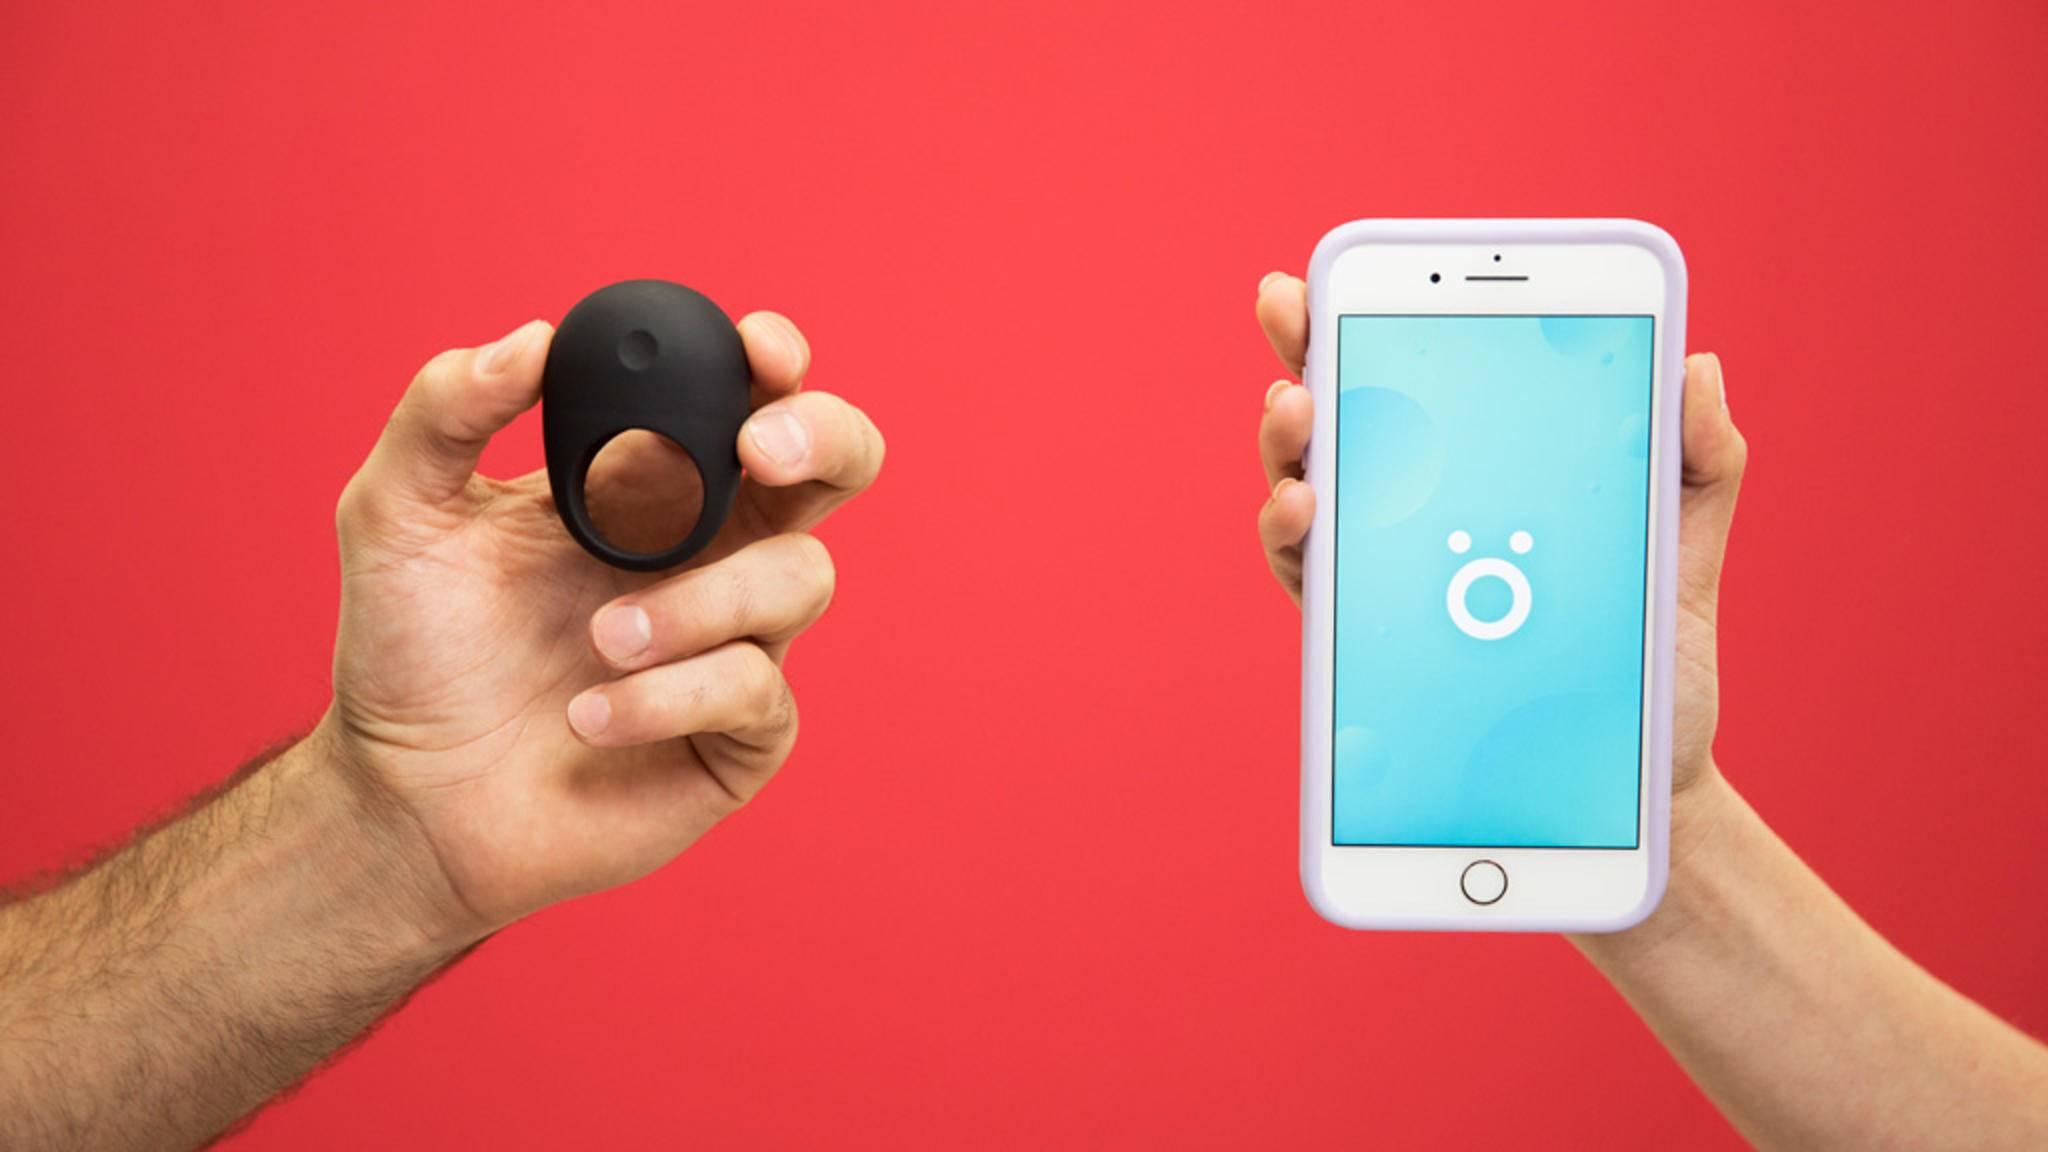 Wearable und App sollen zusammen für mehr Spaß und Leistung zwischen den Laken sorgen.